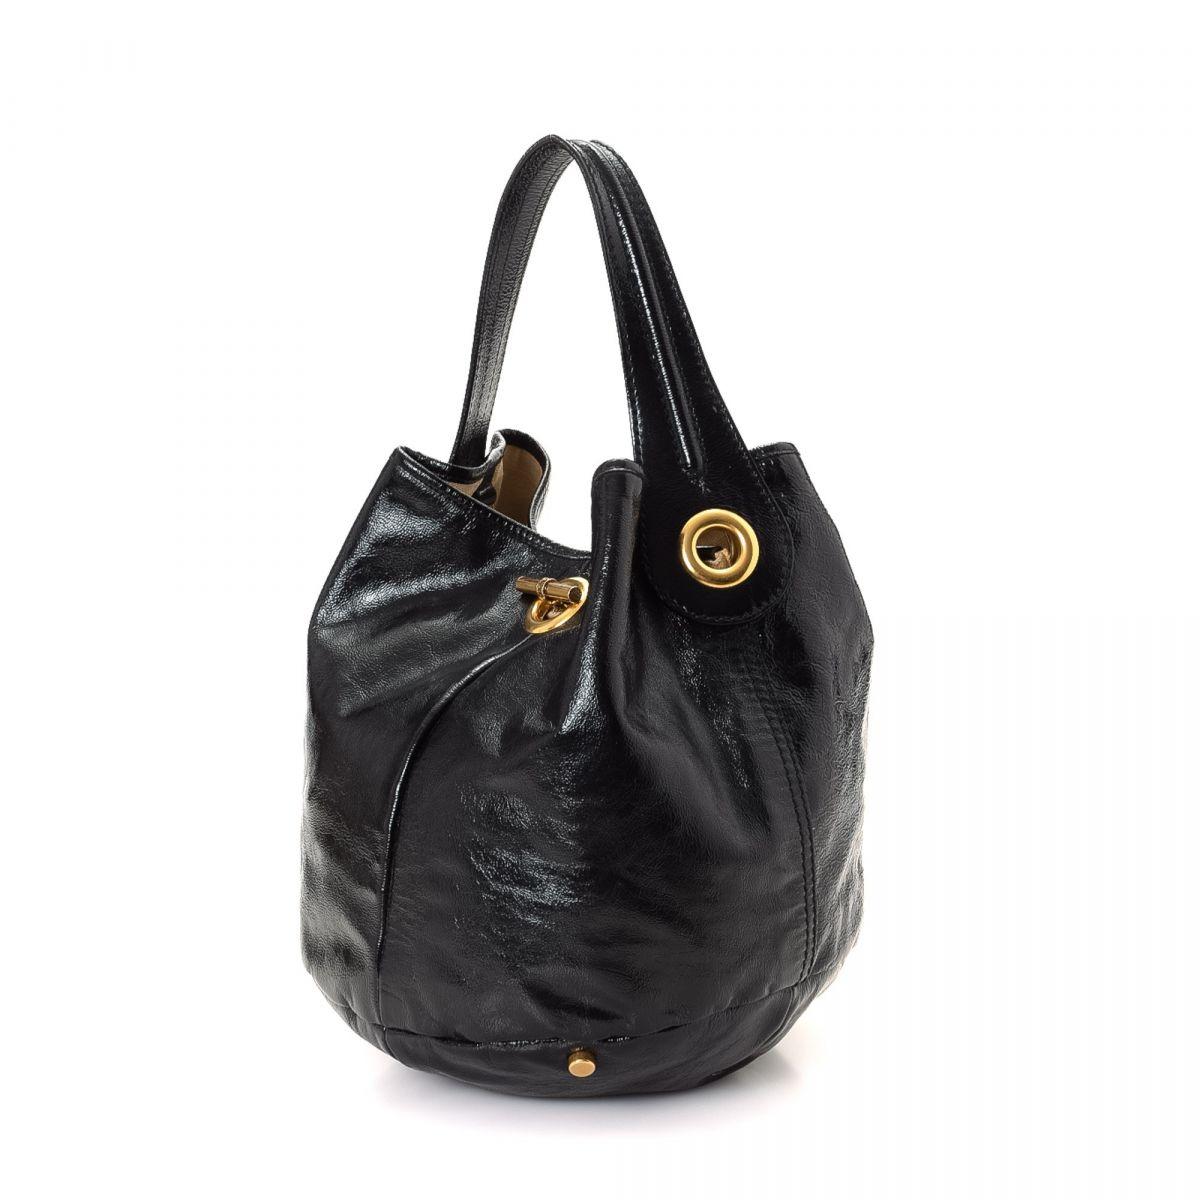 Saint Laurent Jeans Mens | Saint Laurent Heels | Yves Saint Laurent Handbags